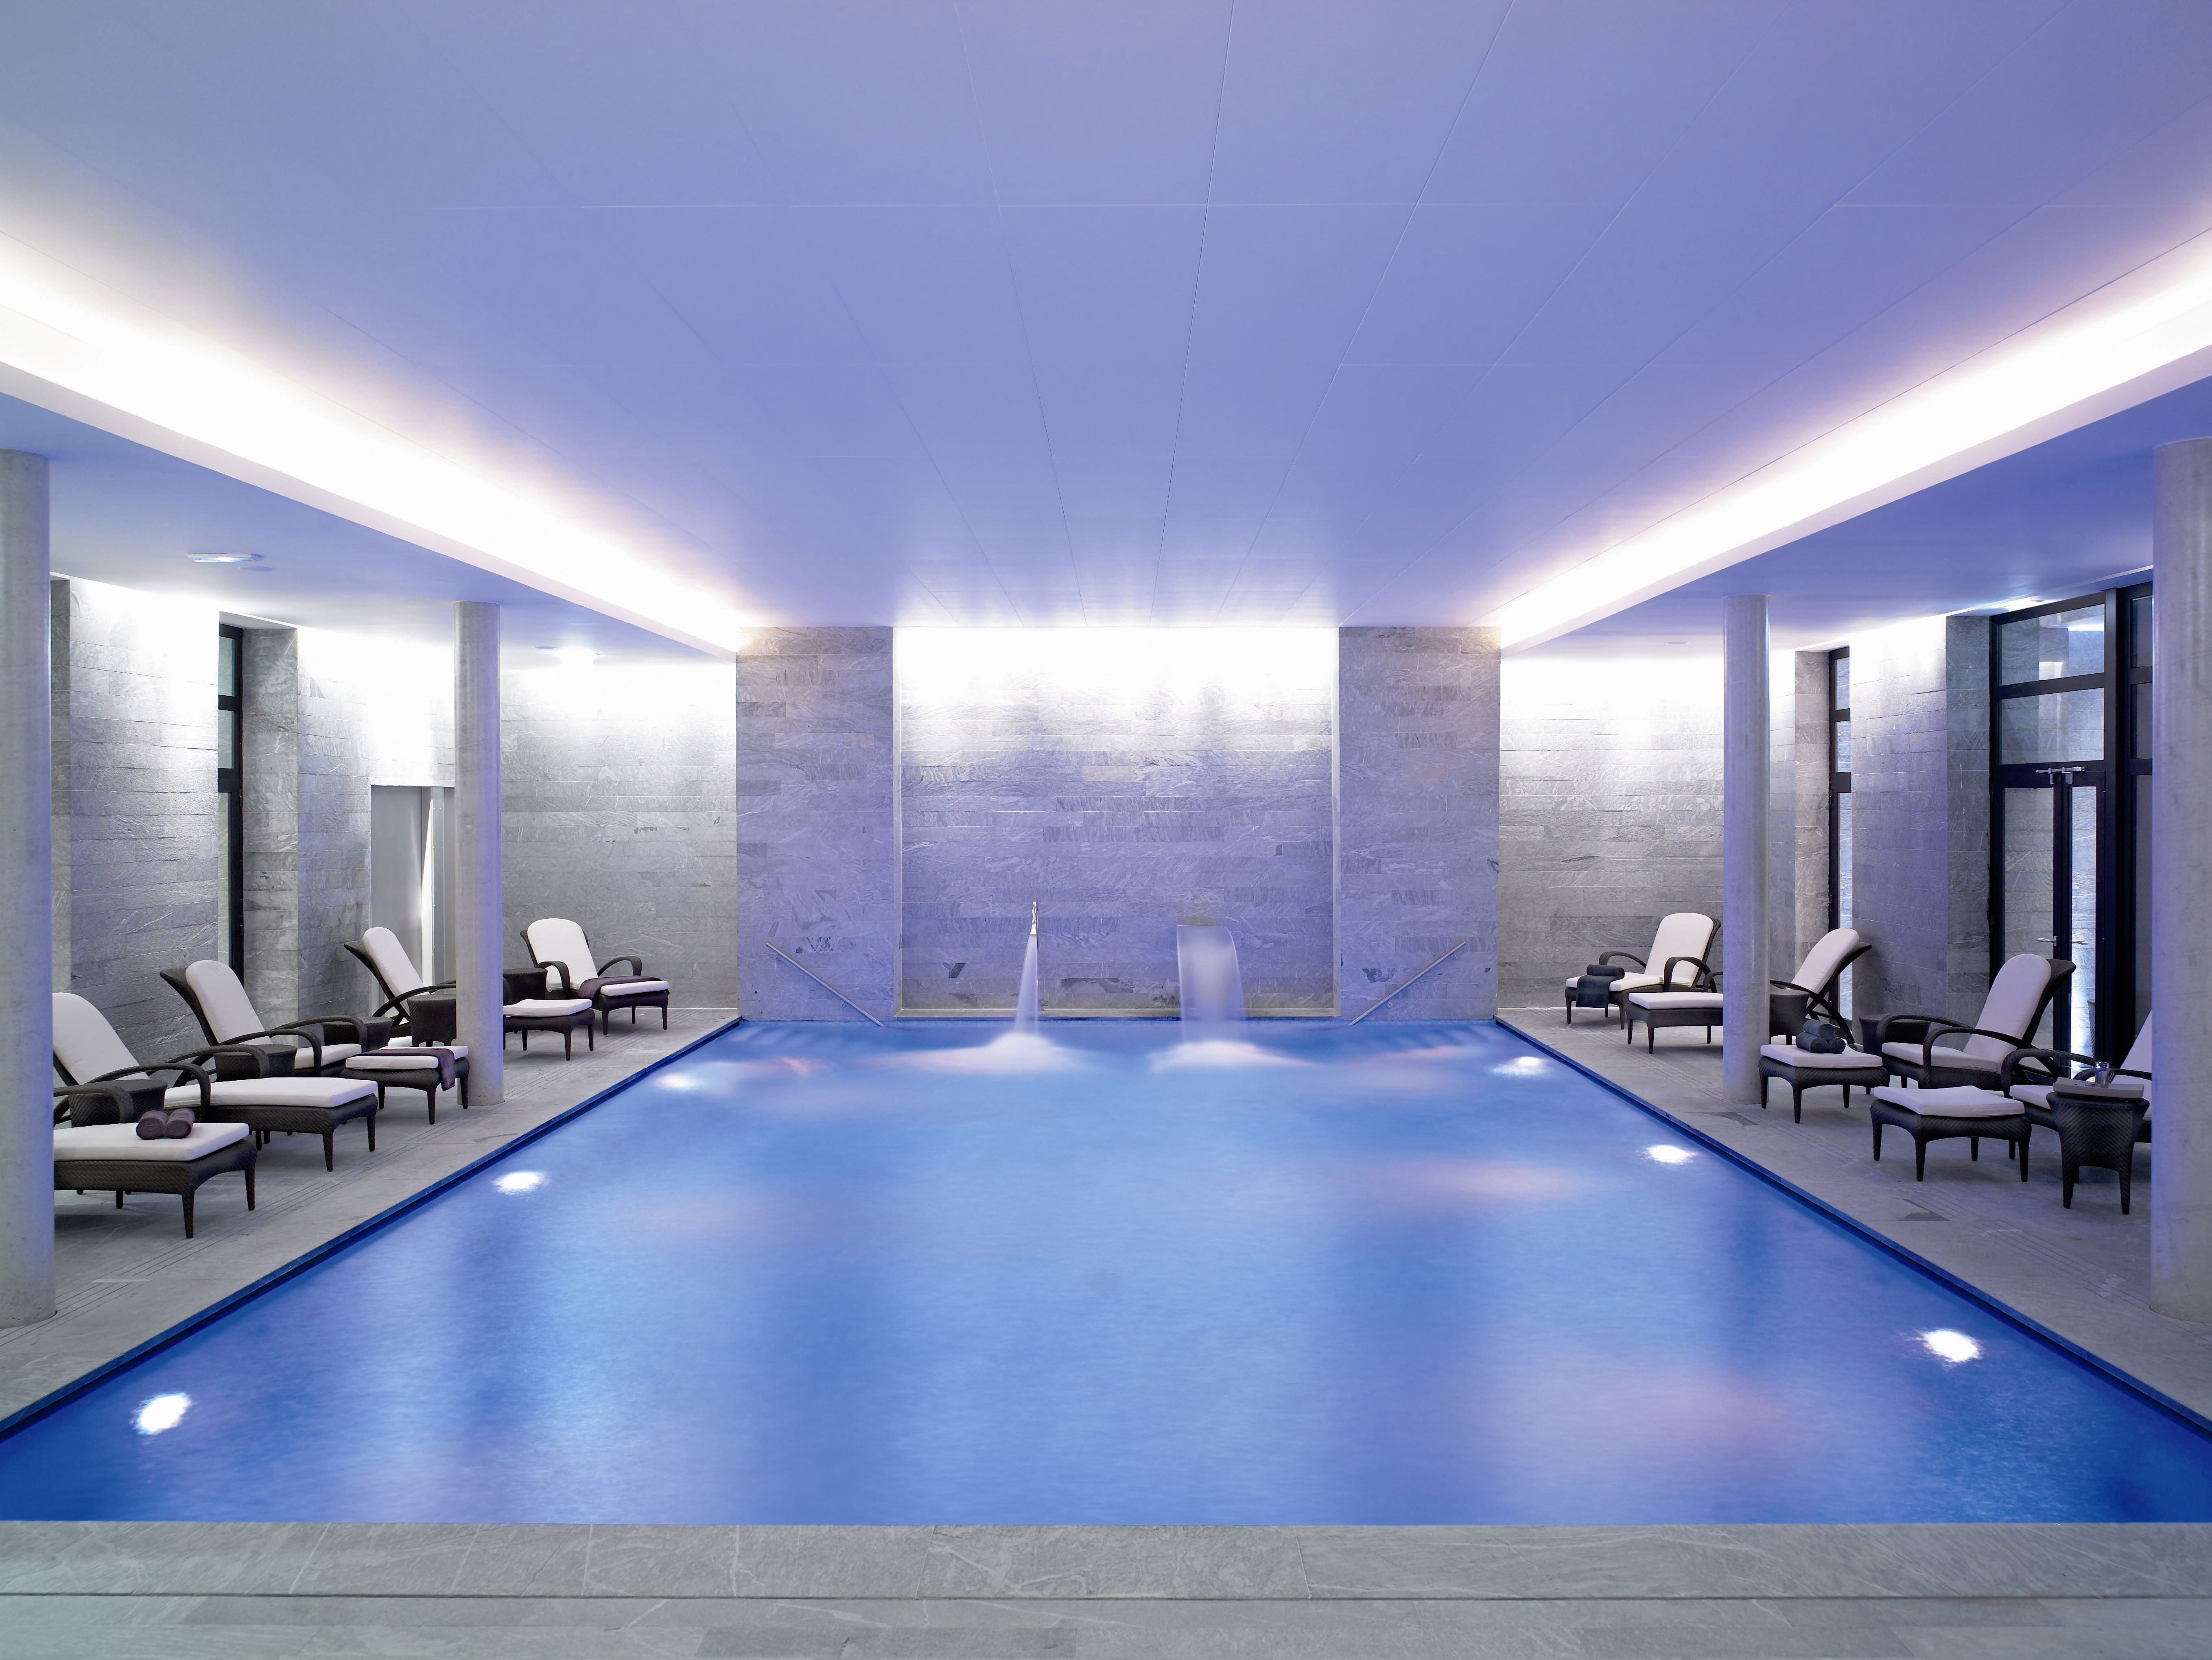 Dior institut archives paris insights the blog paris for Hotel des bains paris delambre